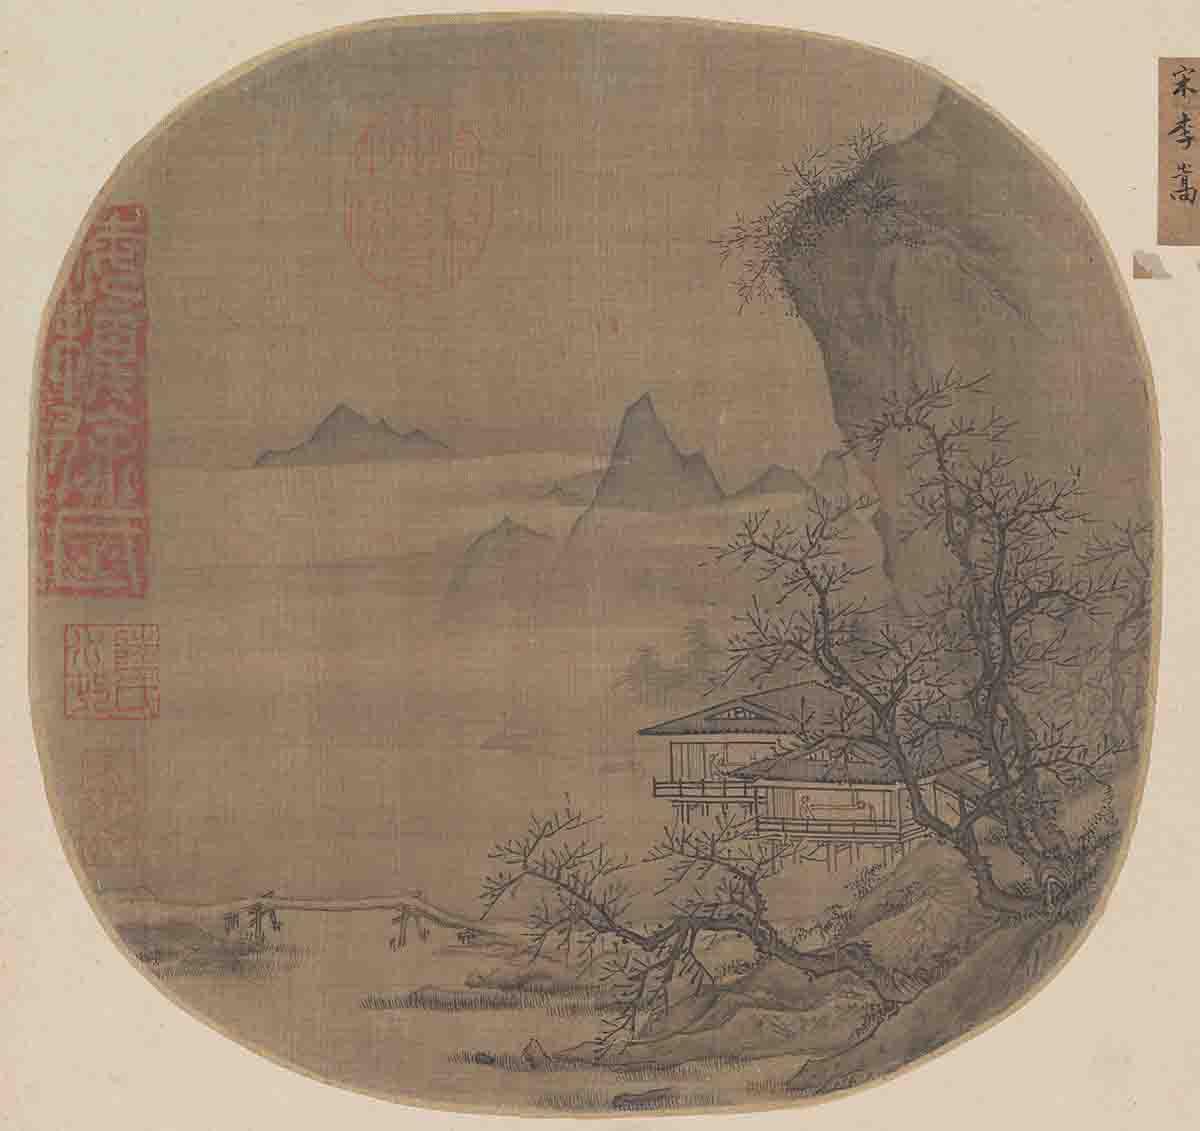 宋 李嵩 溪山水阁图页绢本24.2x24.7